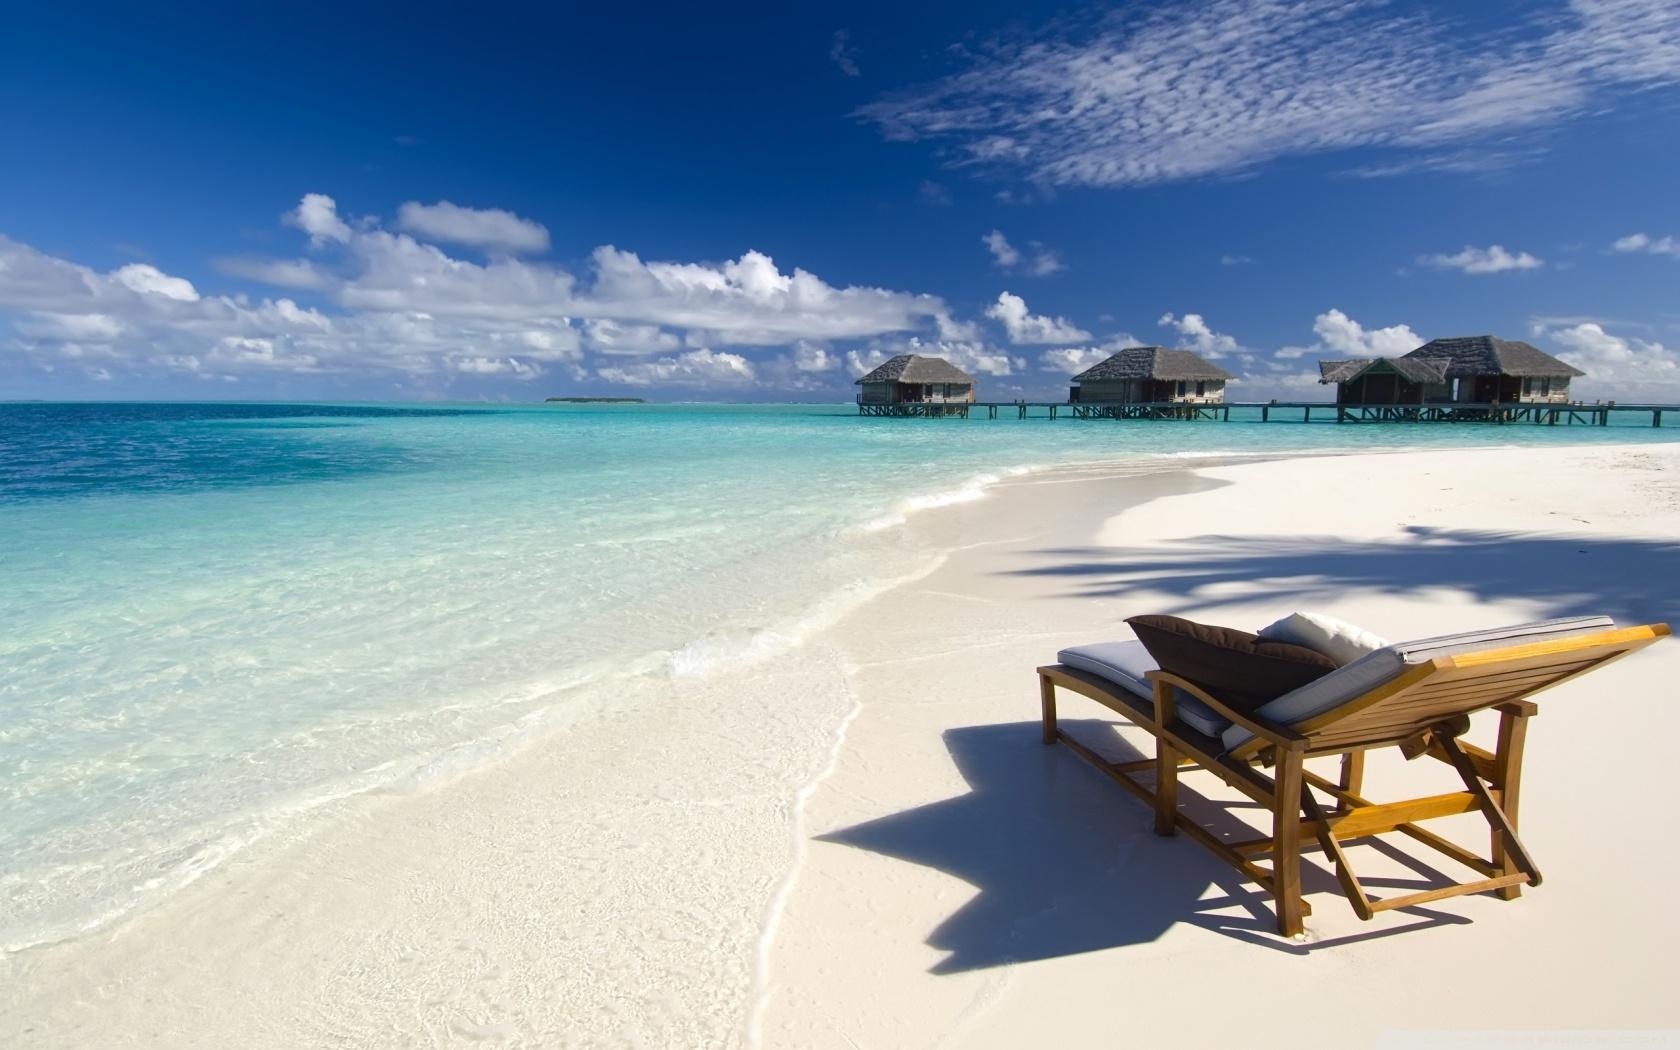 Rangali island maldives